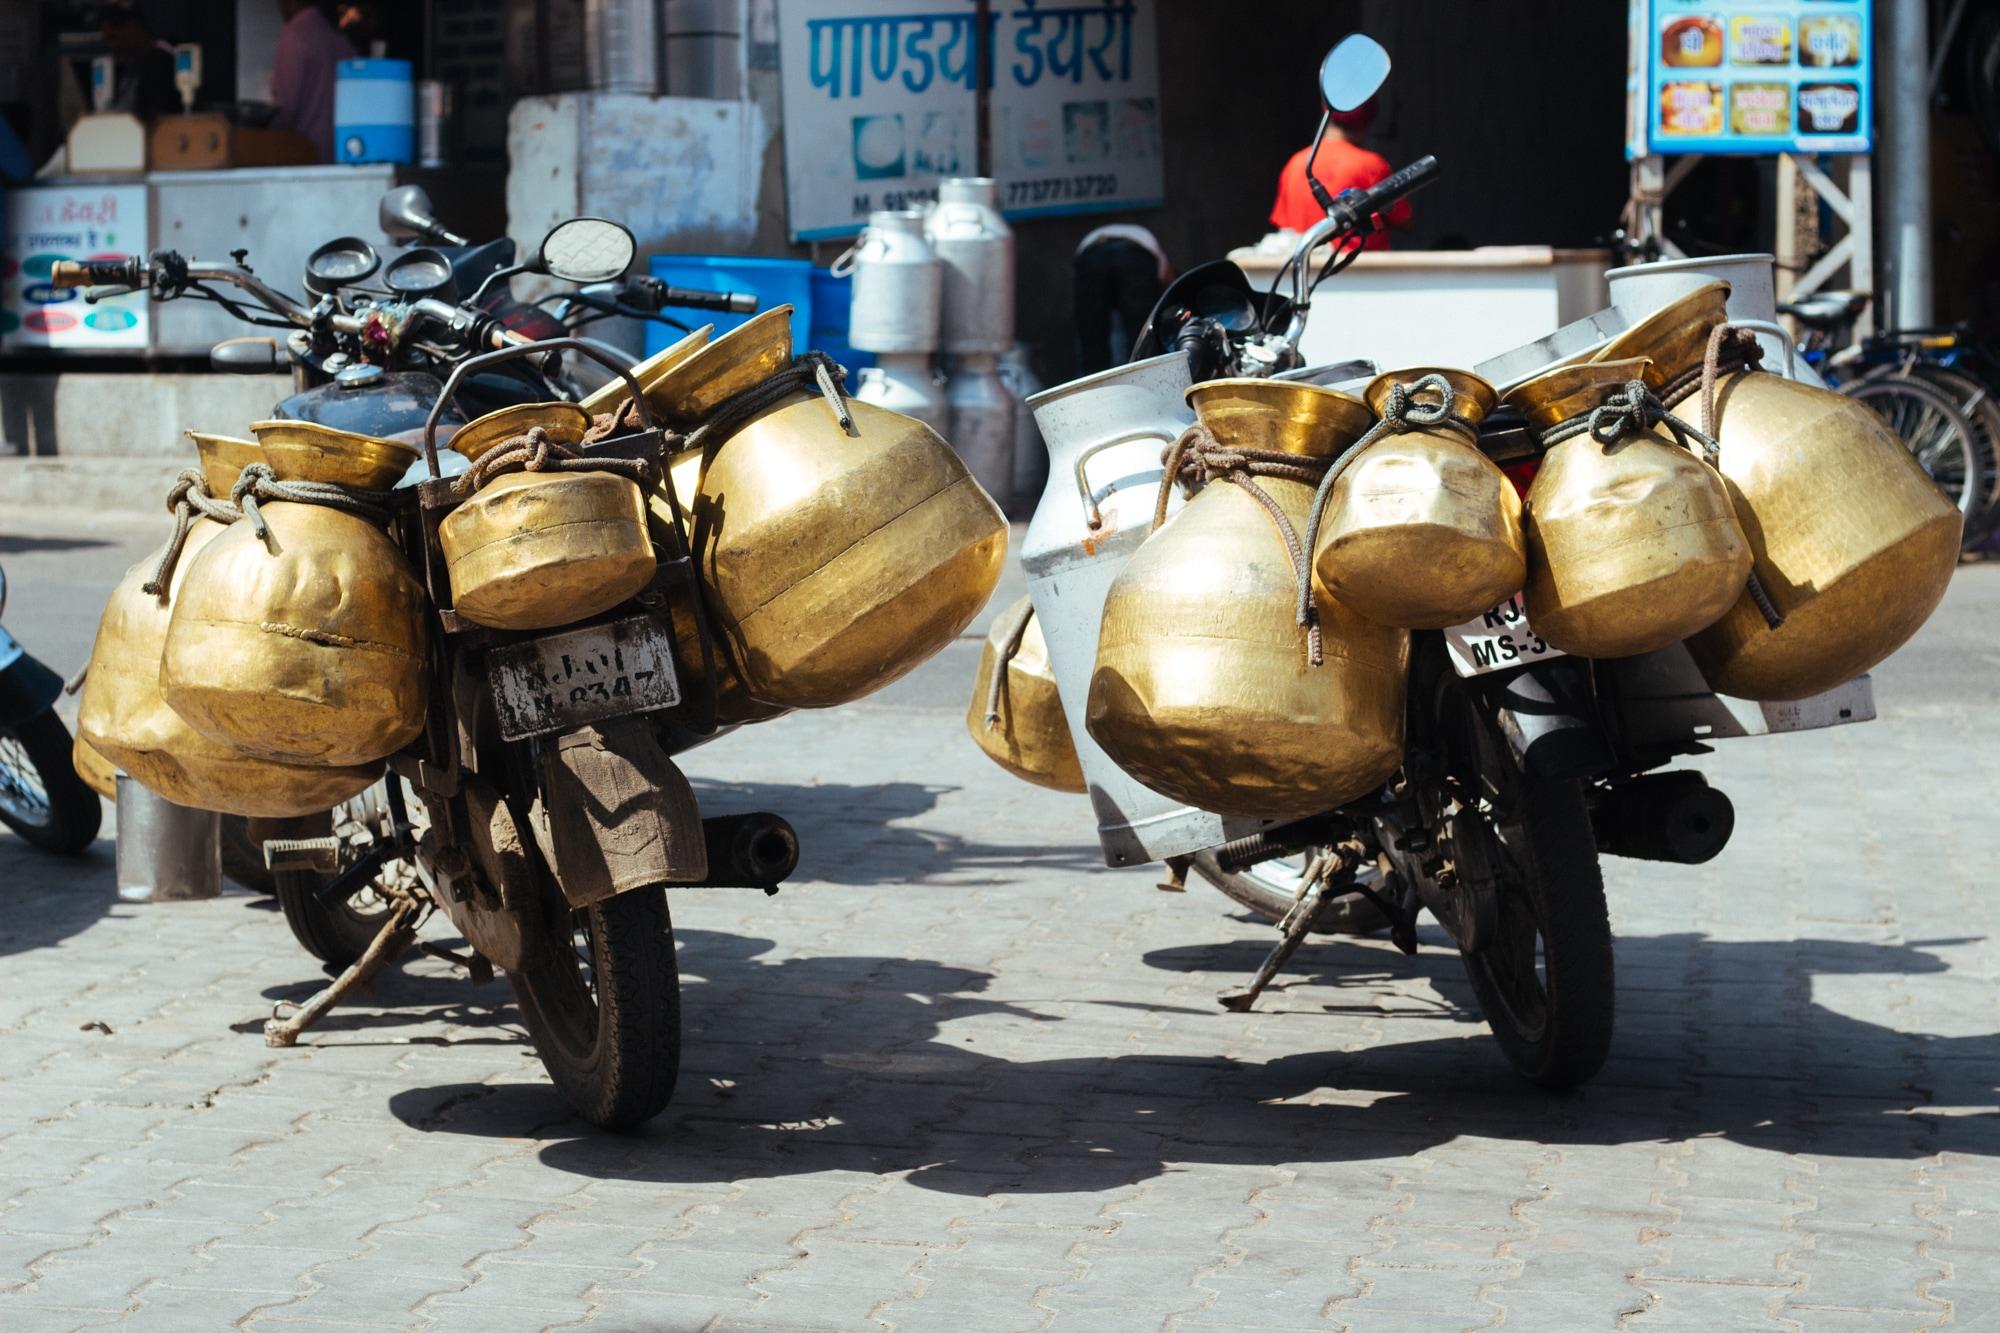 Metal milk pots on motorcycles